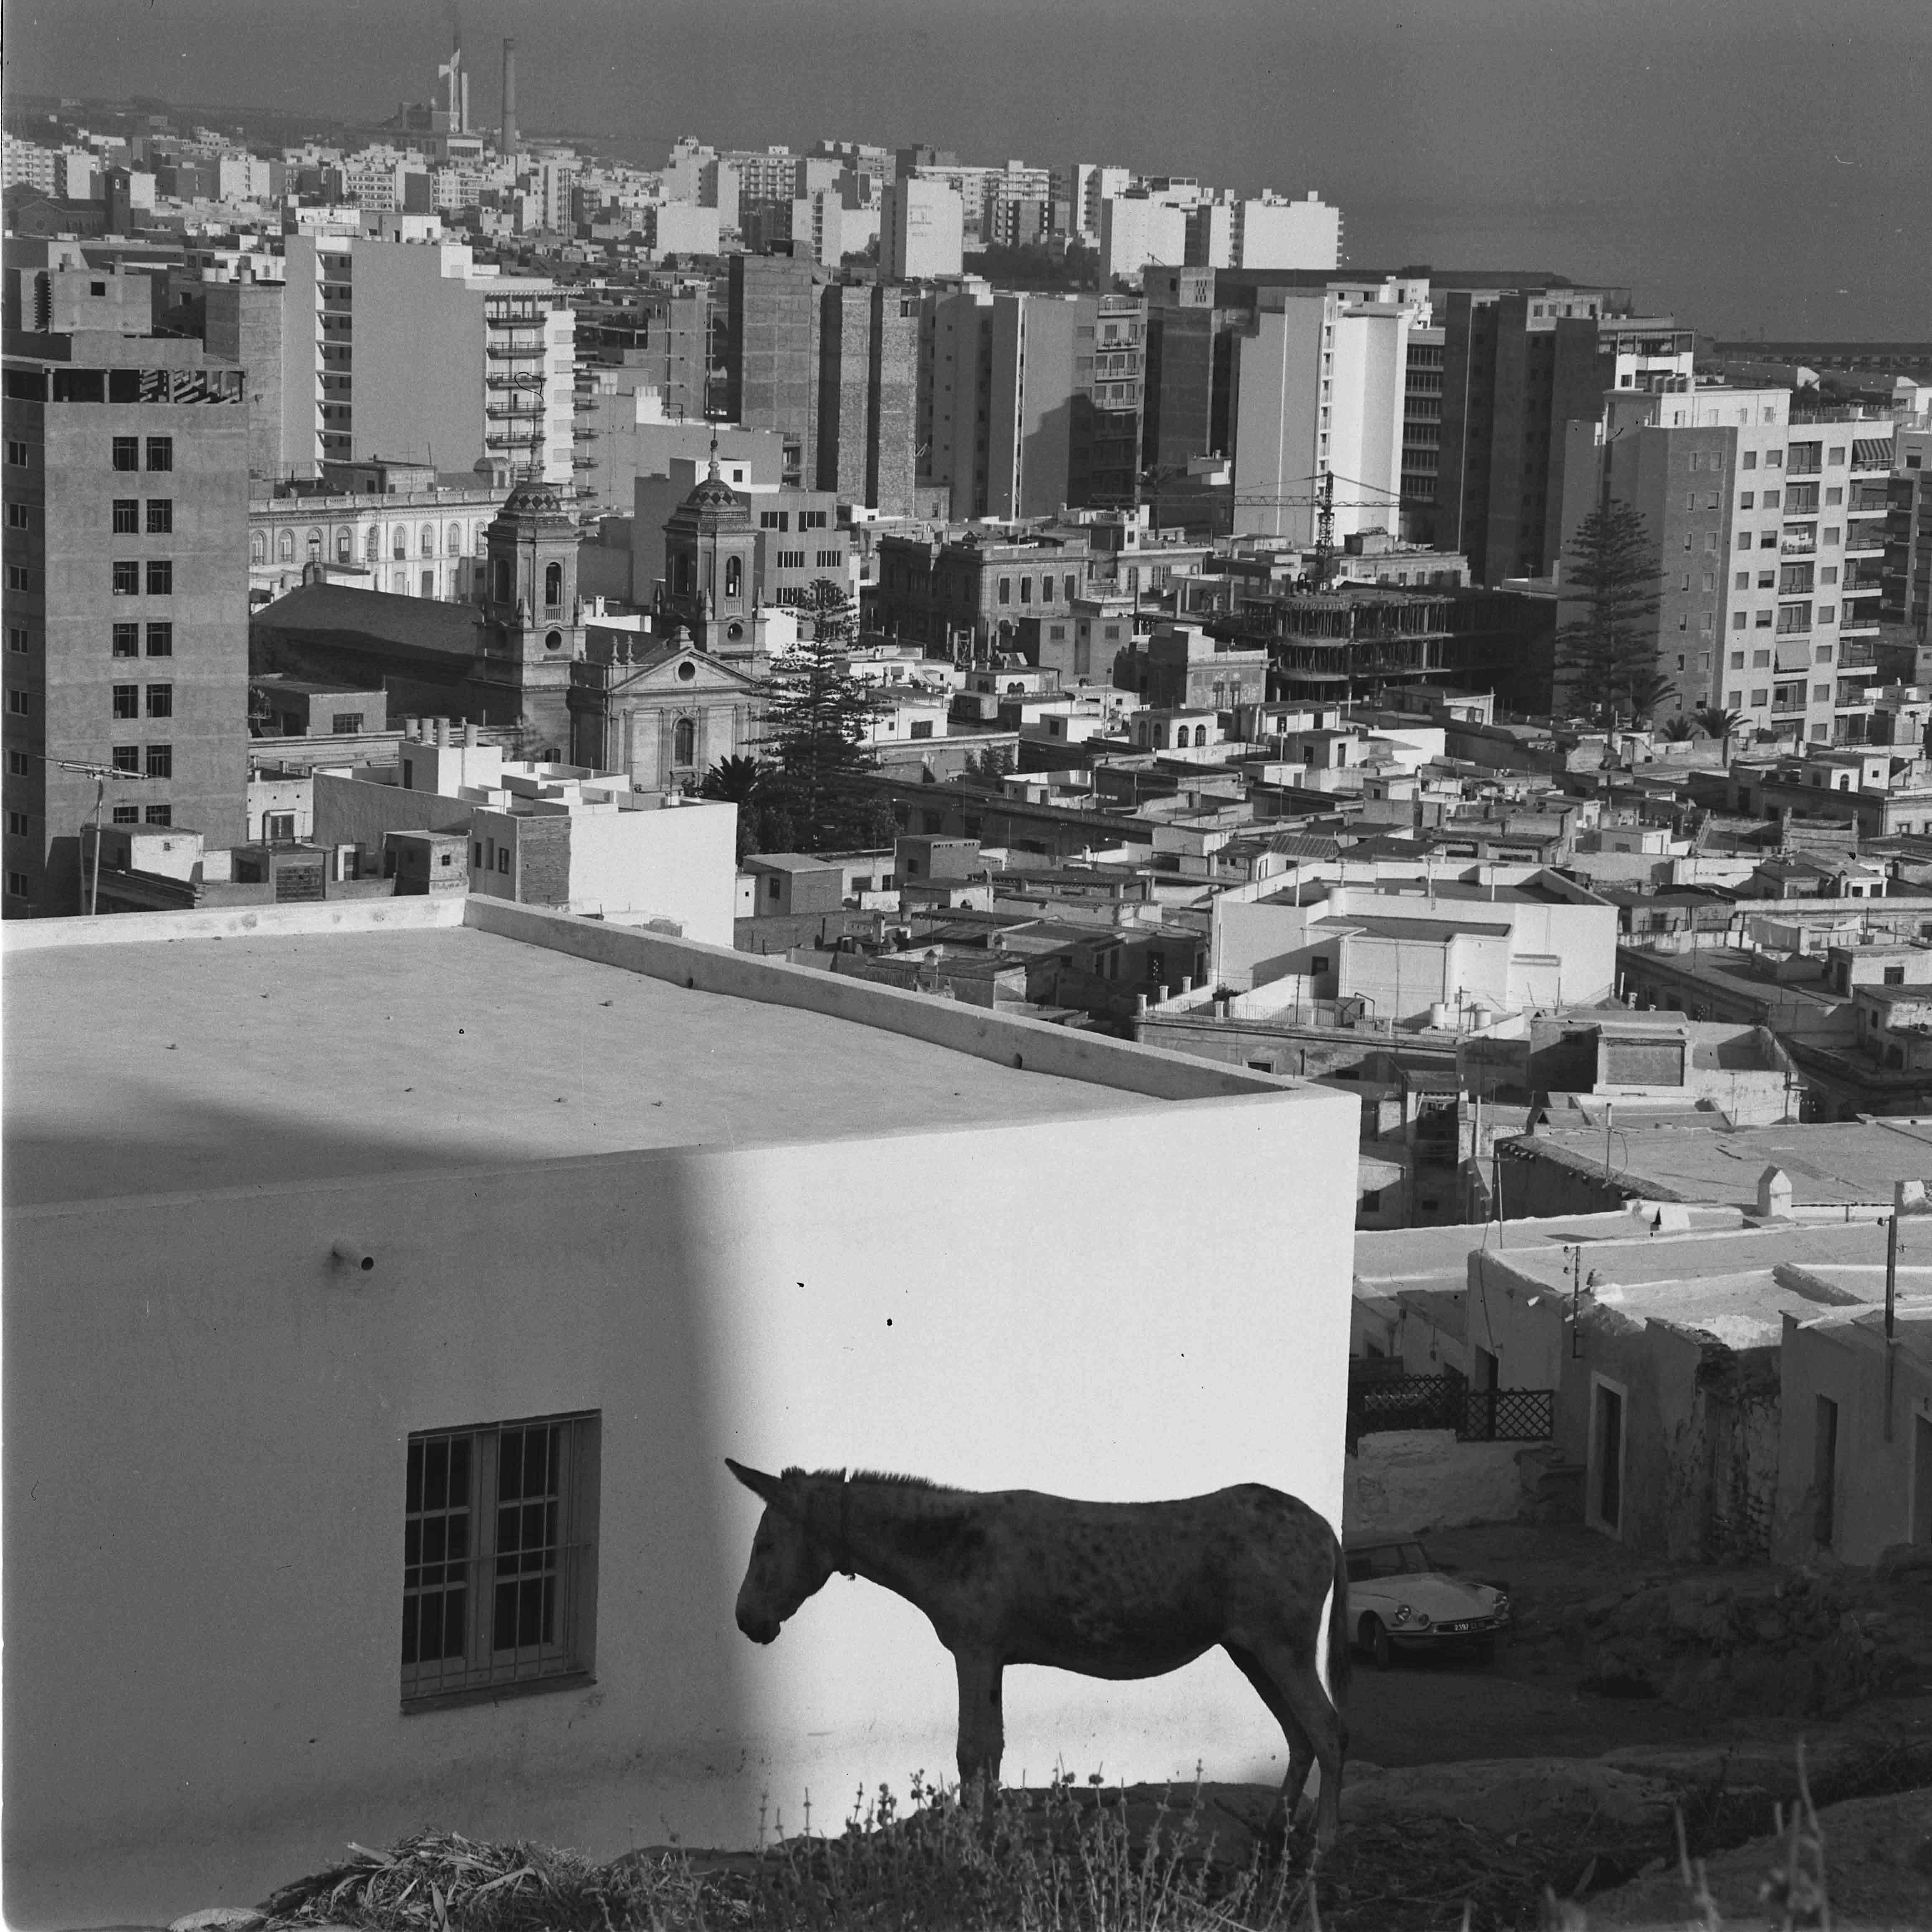 La Chanca, Almería, 1957<br/>Impresión de tintas de pigmento / Inkjet print